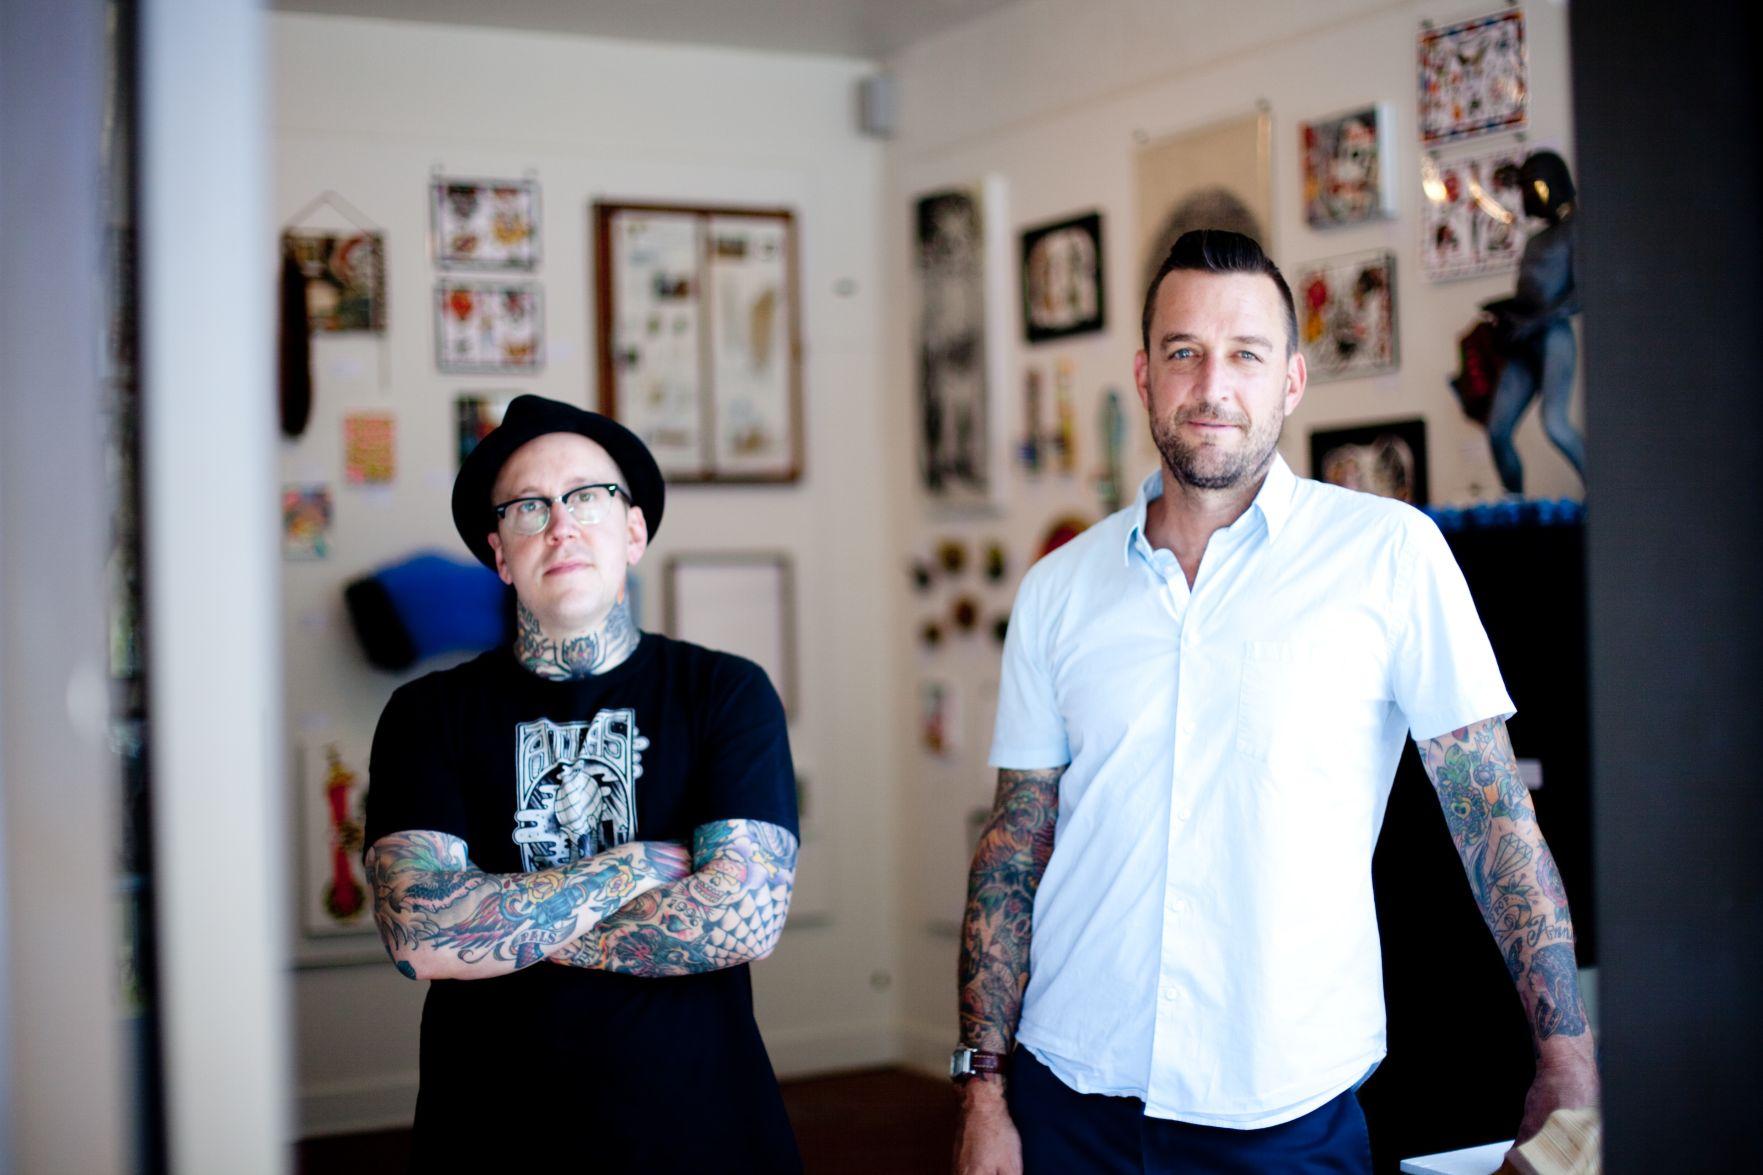 Two boyz with great tattoos pound